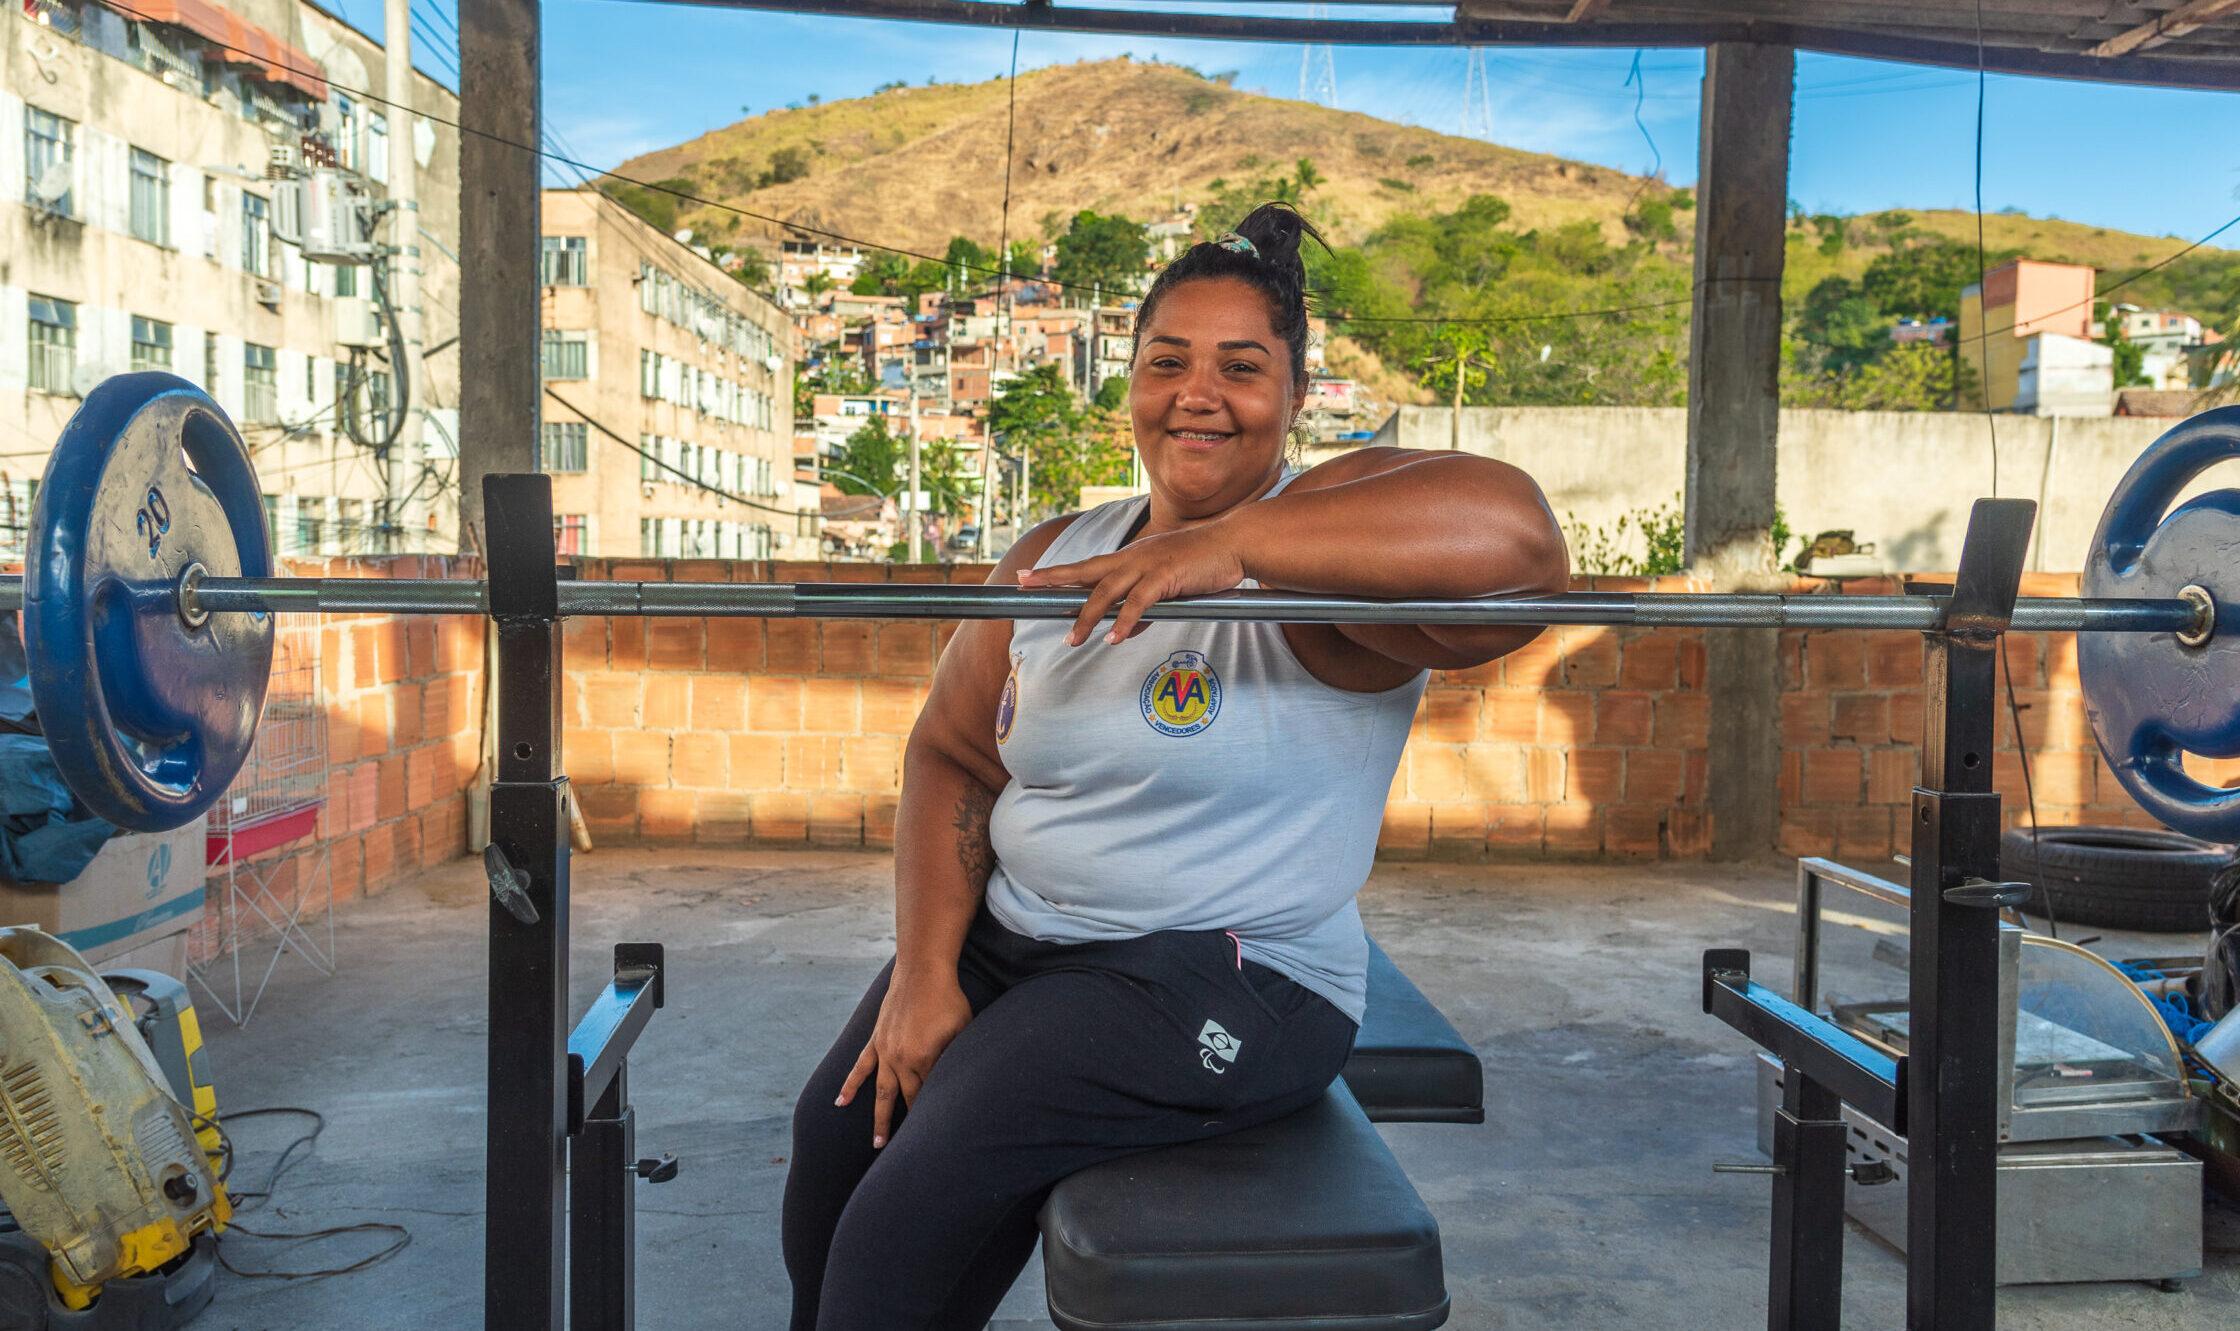 Moradora do Morro da Fé vai representar o Brasil nas Paralimpíadas